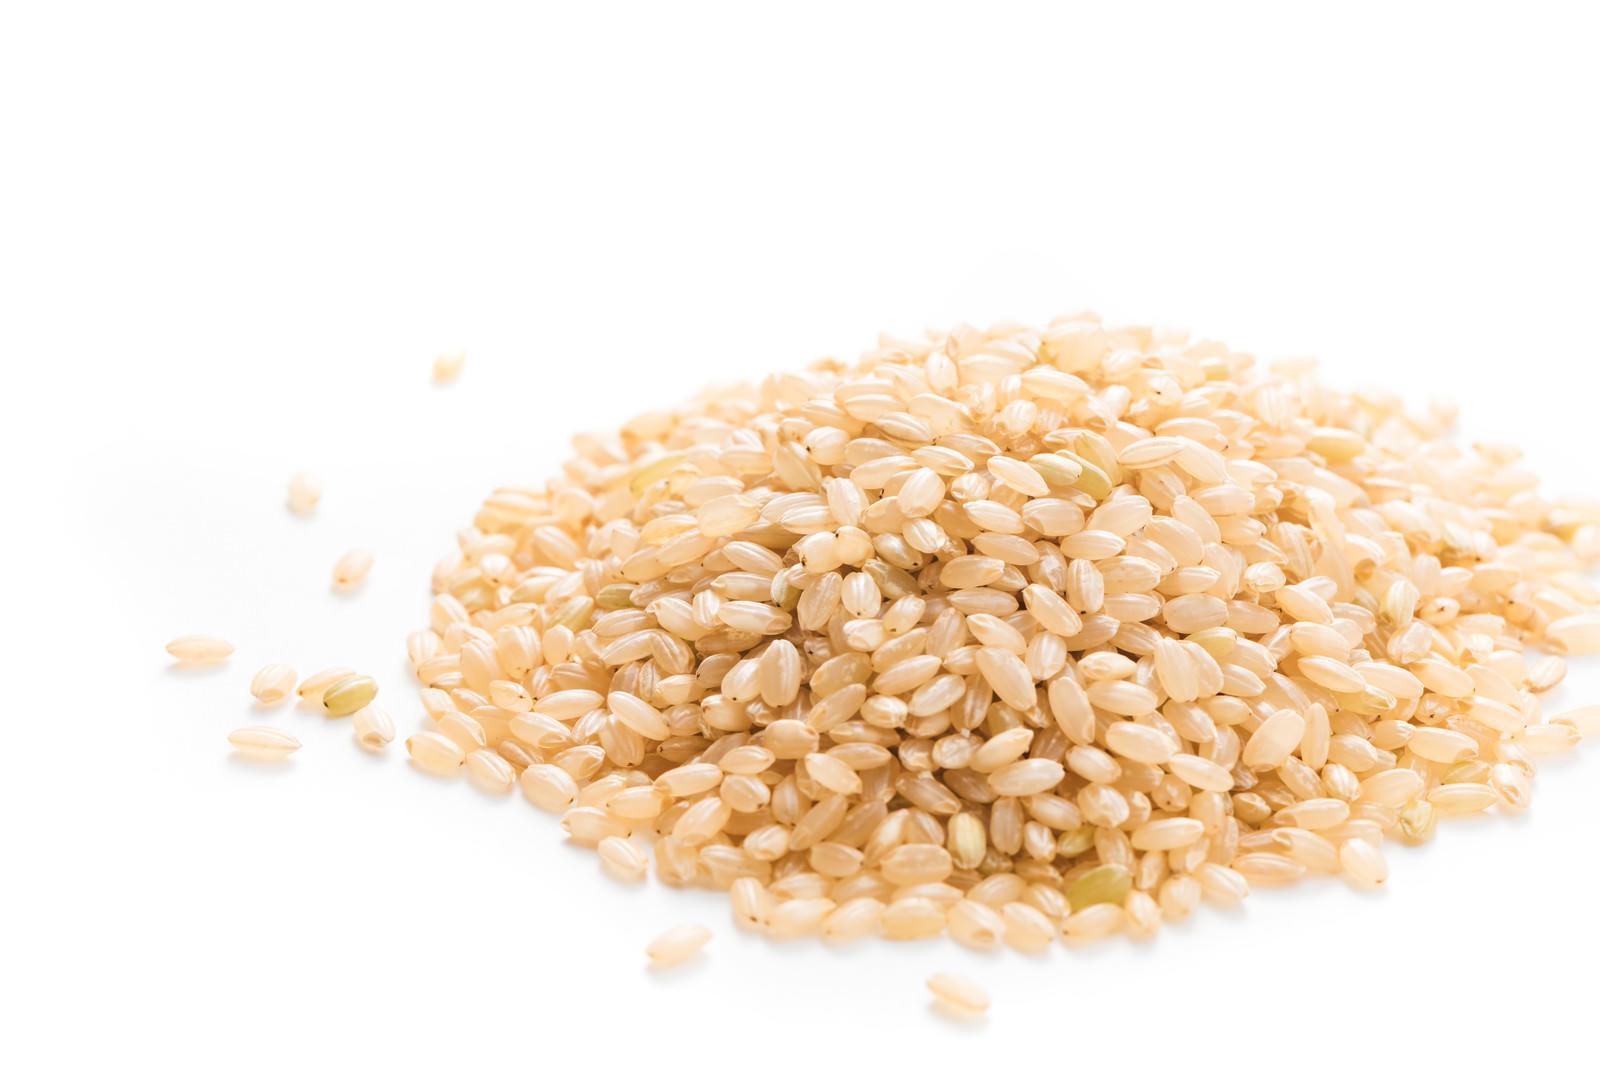 「低GI値の玄米」の写真